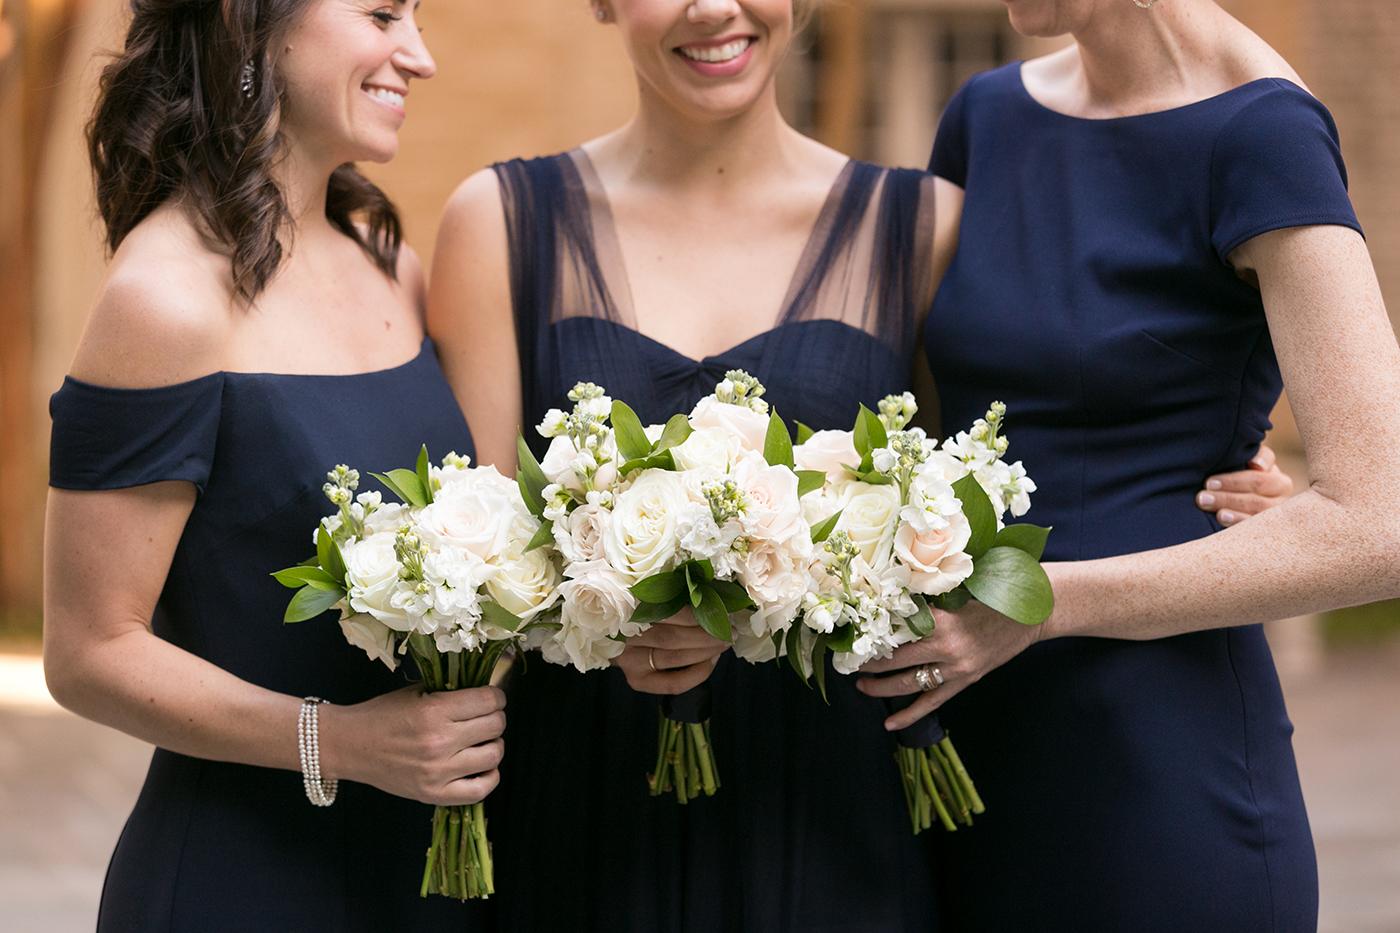 Dallas Wedding Planner - Allday Events - Classic Wedding at Dallas Scottish Rite - 32.jpg